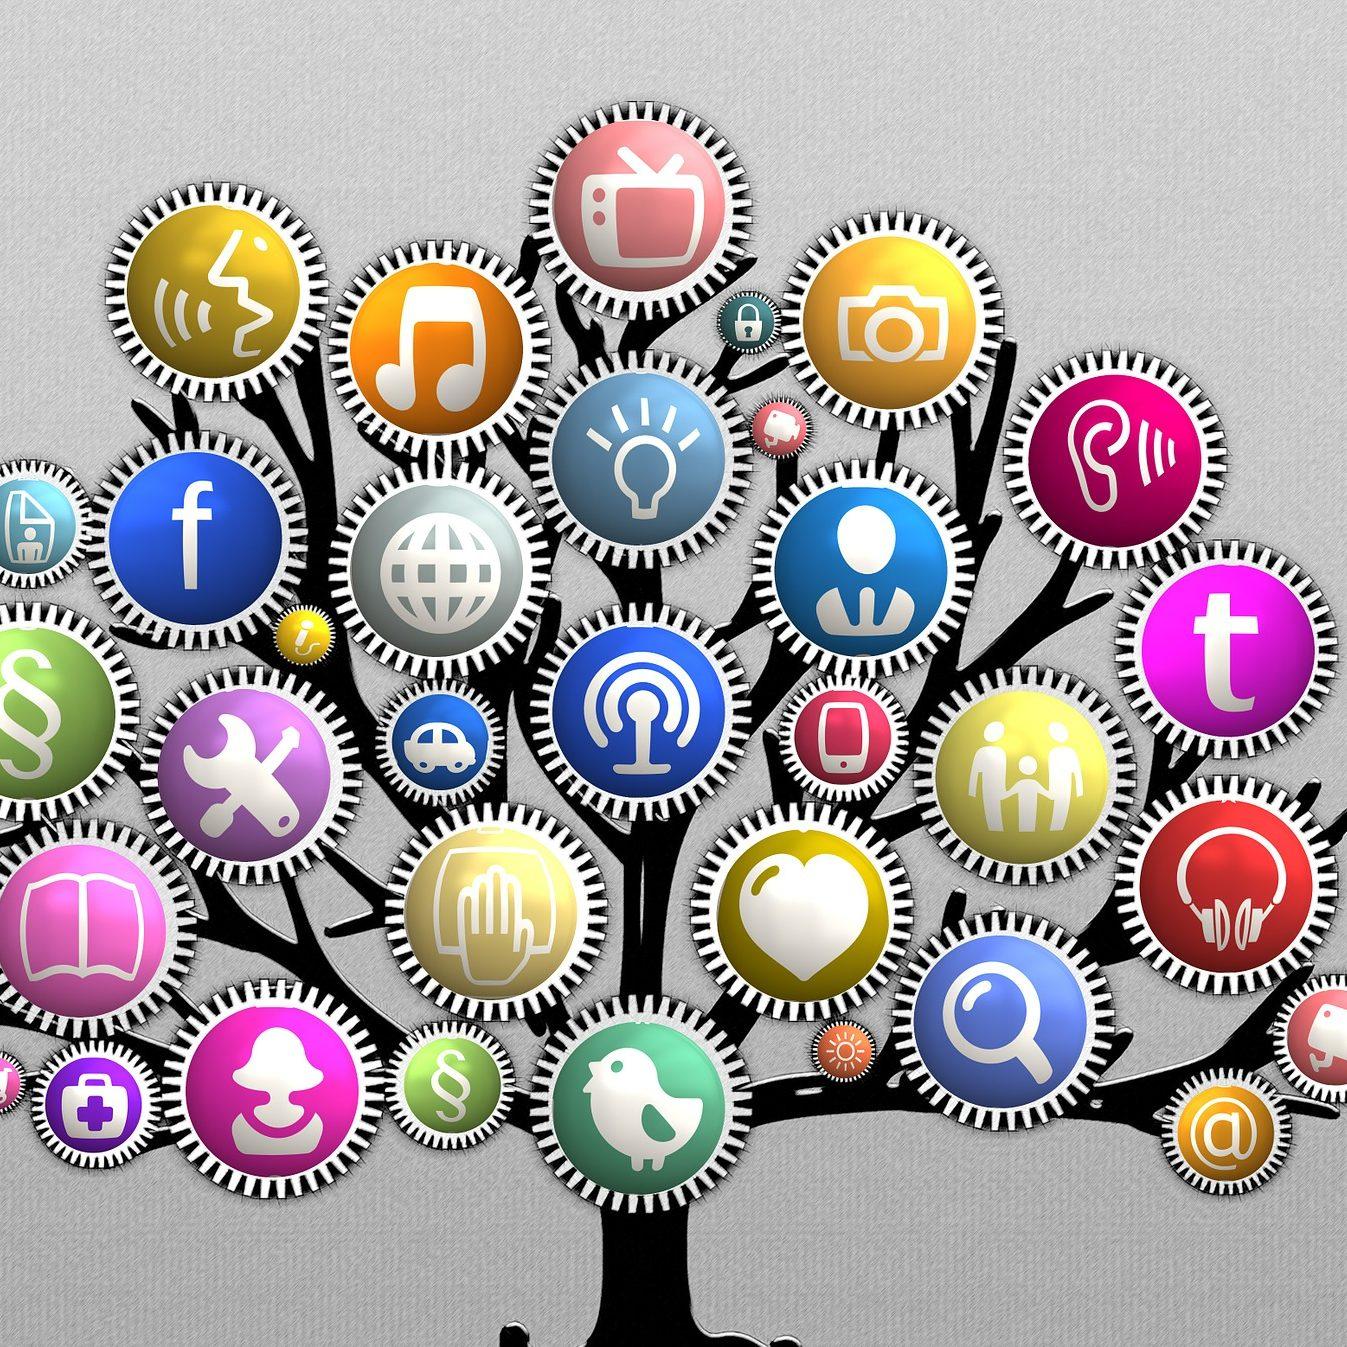 social-media-marketing-tree